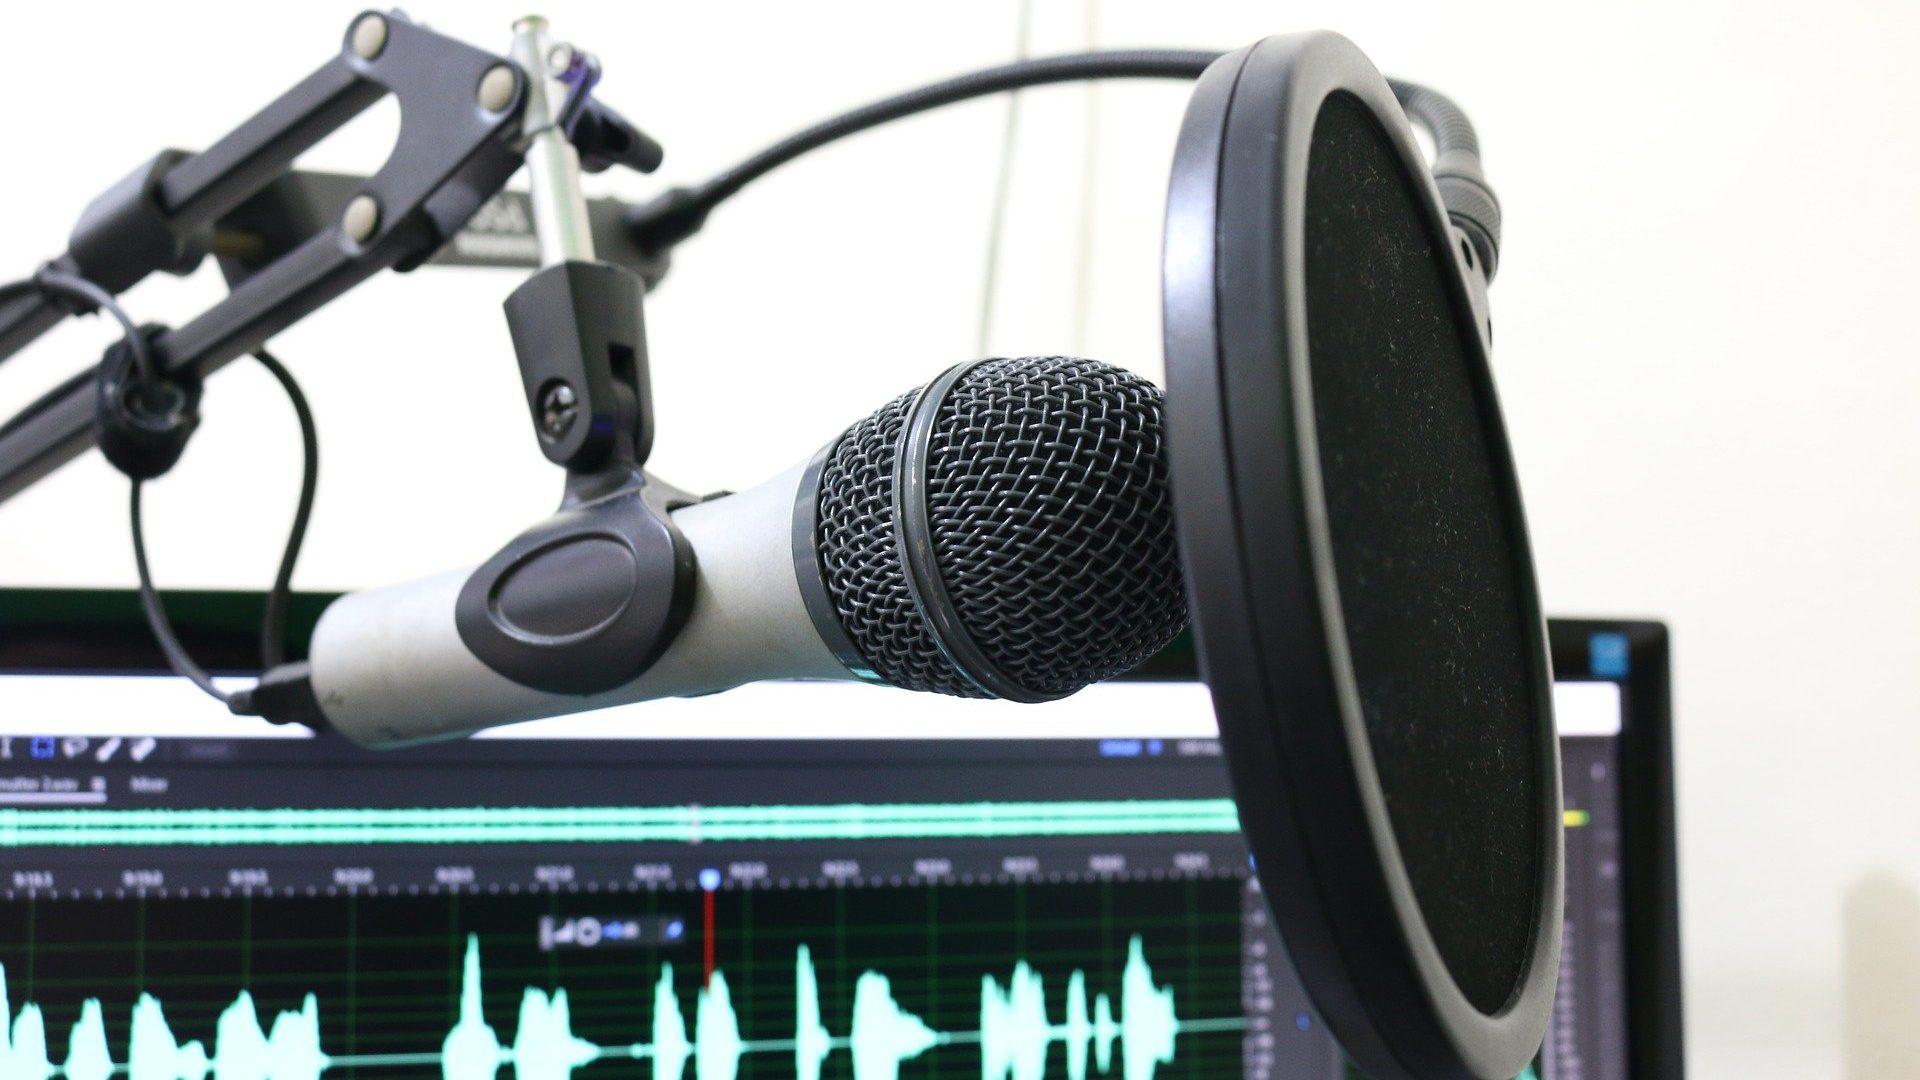 Microfone para podcasts em evidência na frente de um computador, provavelmente com algum programa de edição de áudio aberto